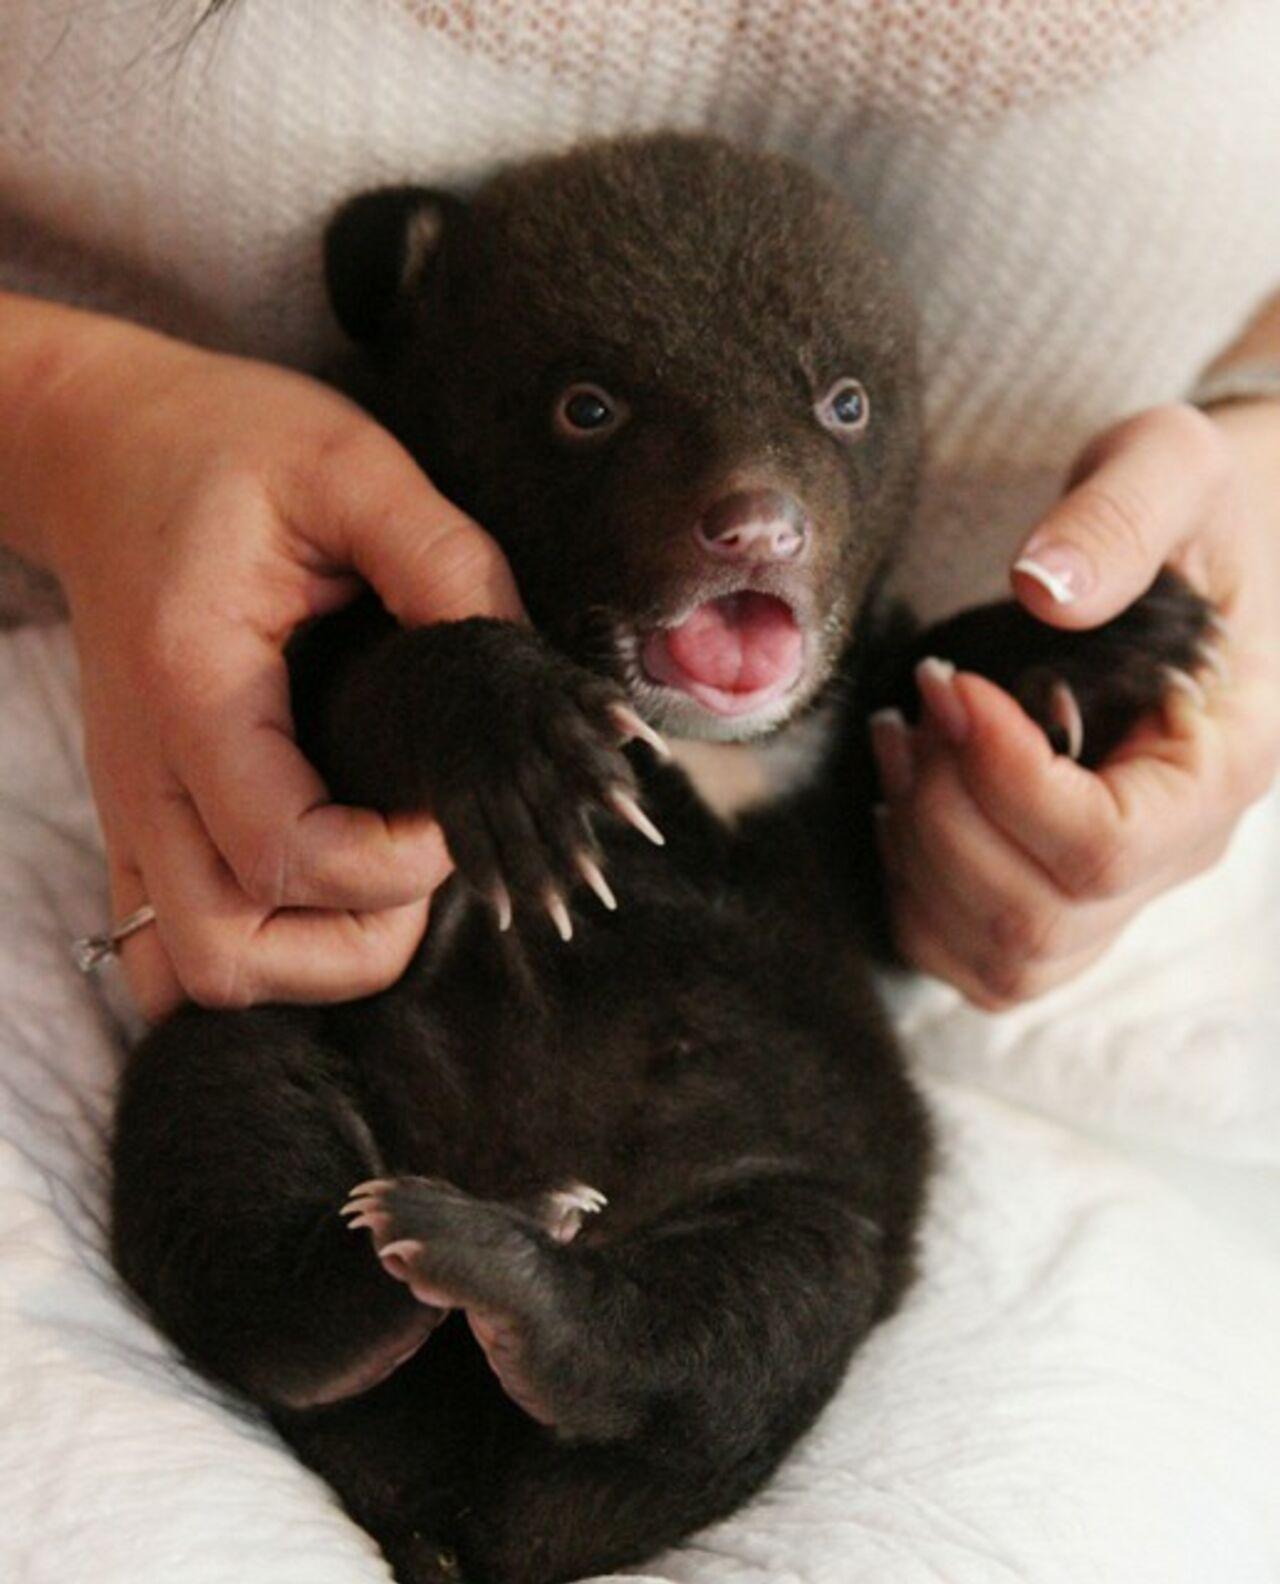 Гималайский медвежонок полдня просидел в«обезьяннике» отделения милиции  вПриморье